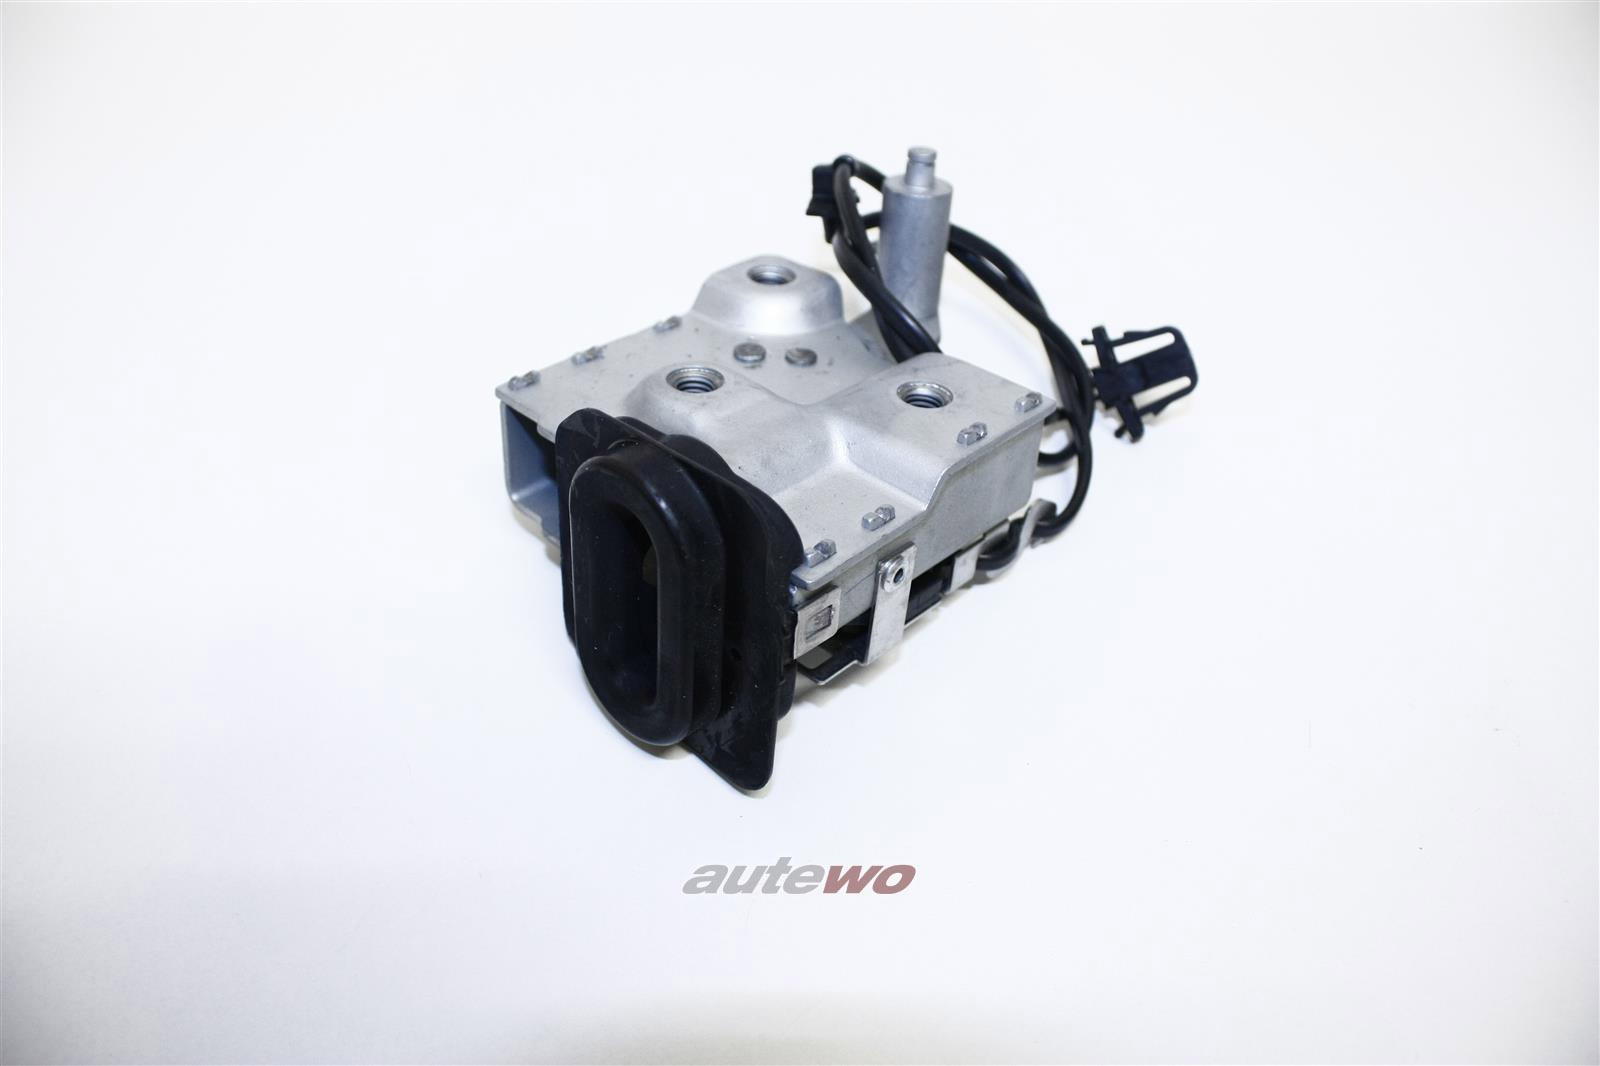 NEU & ORIGINAL! Audi A4/S4/RS4 8H Cabrio Verschluss Verdeckkasten Links 8H0825395B